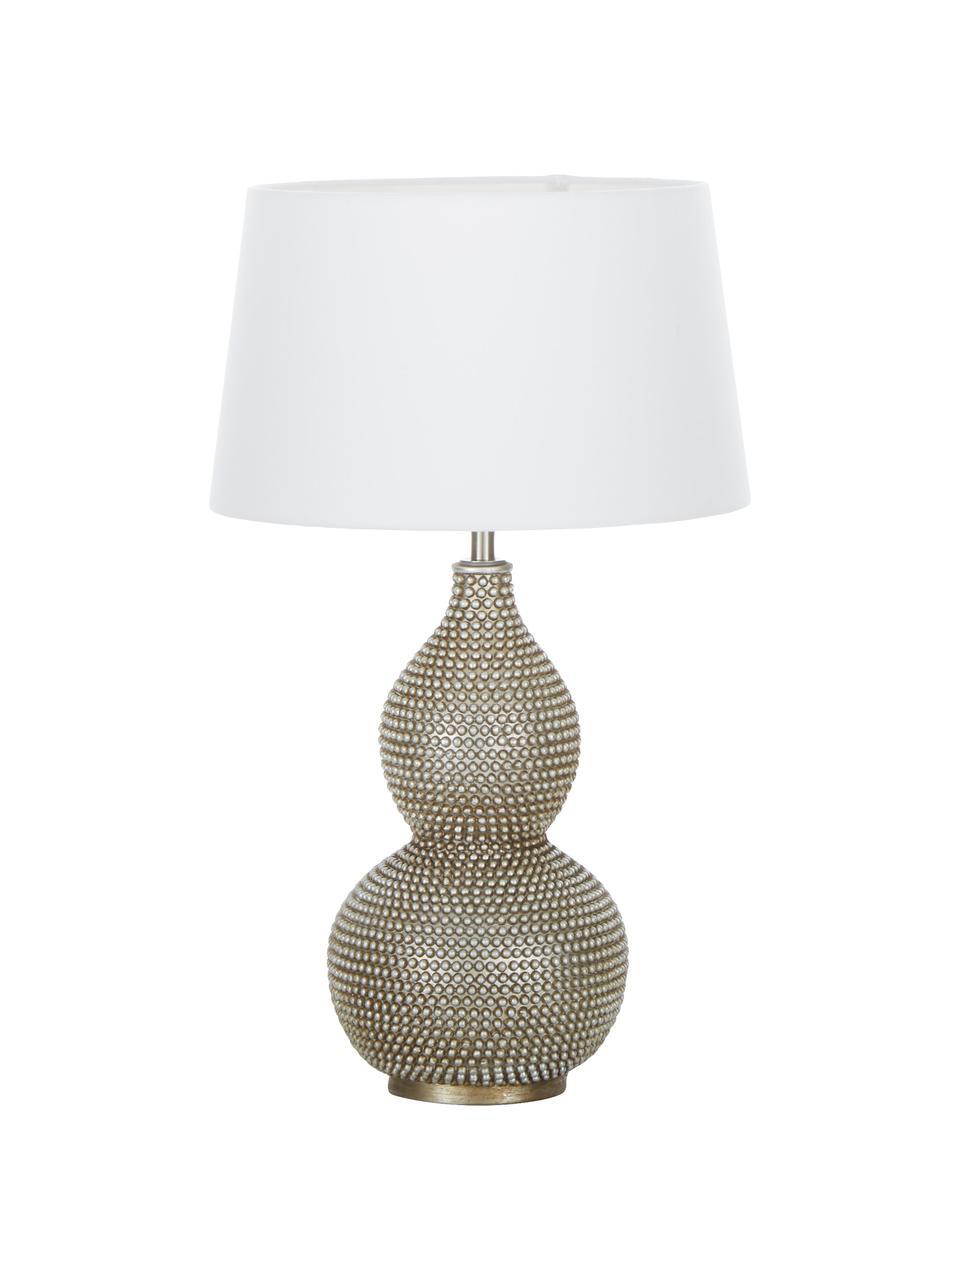 Lampada da tavolo boho Lofty, Base della lampada: Metallo rivestito, Paralume: poliestere, Bianco, Ø 33 x Alt. 58 cm